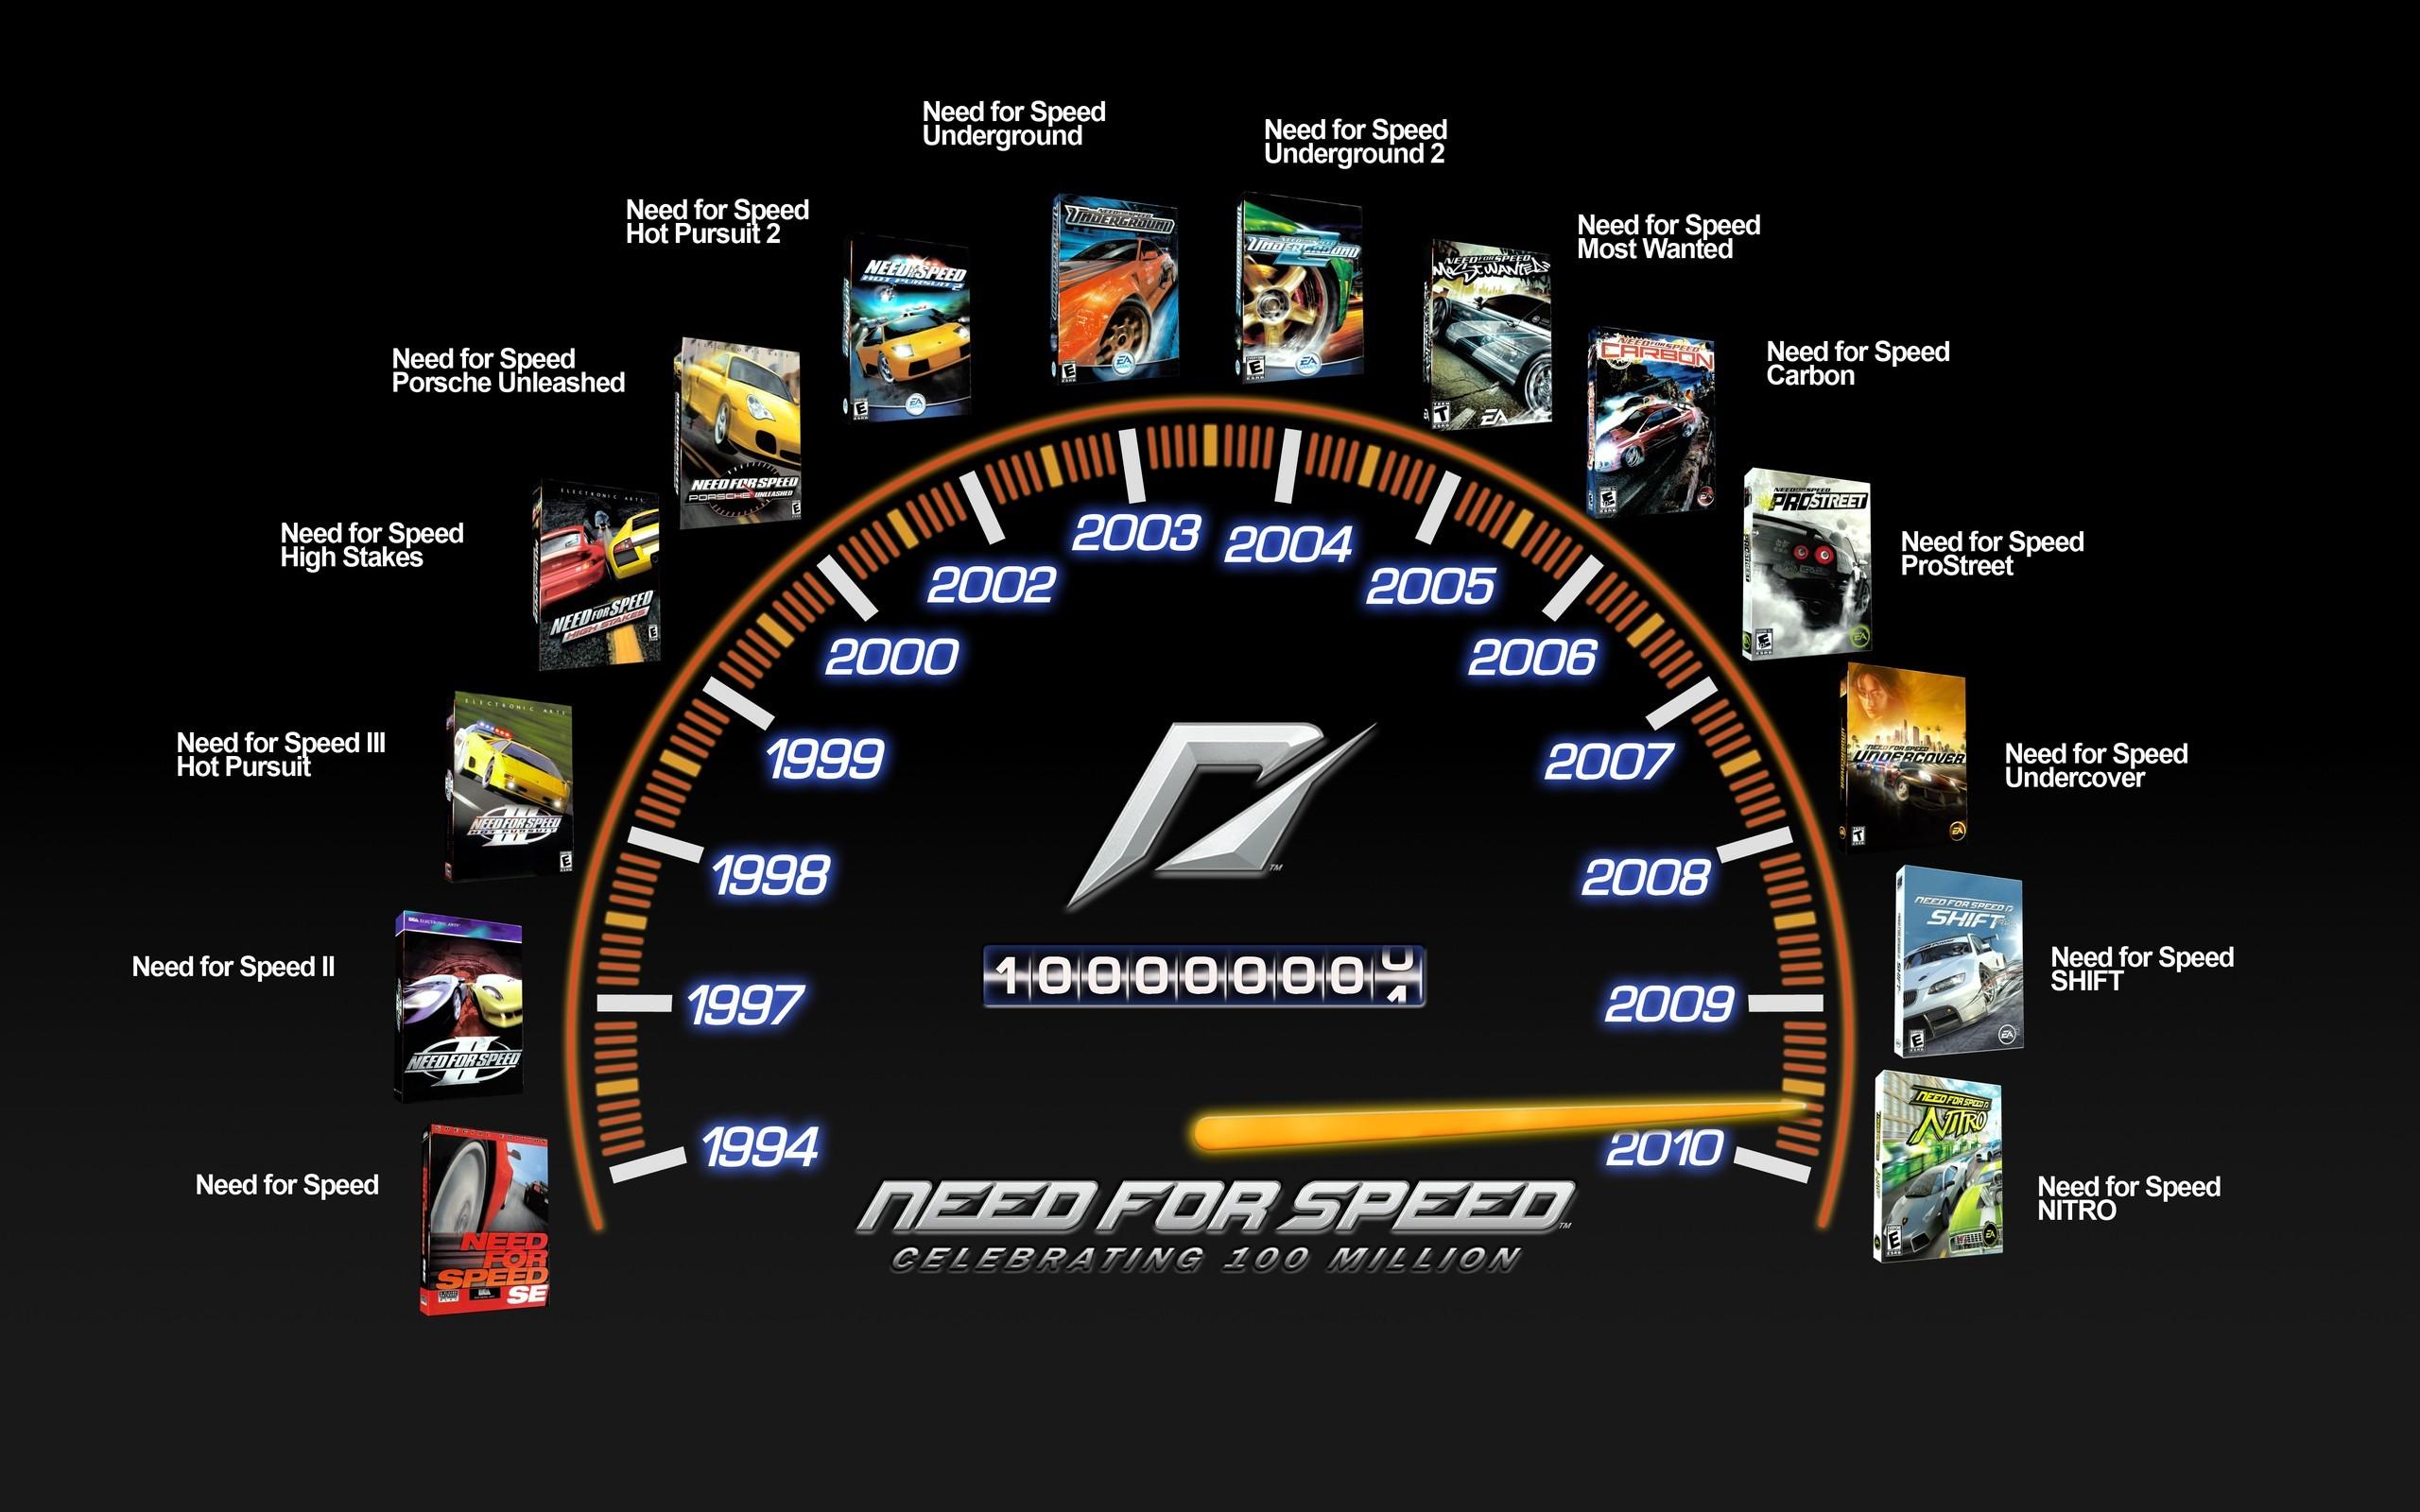 Hintergrundbilder : Videospiele, Need for Speed, Tachometer, Marke ...